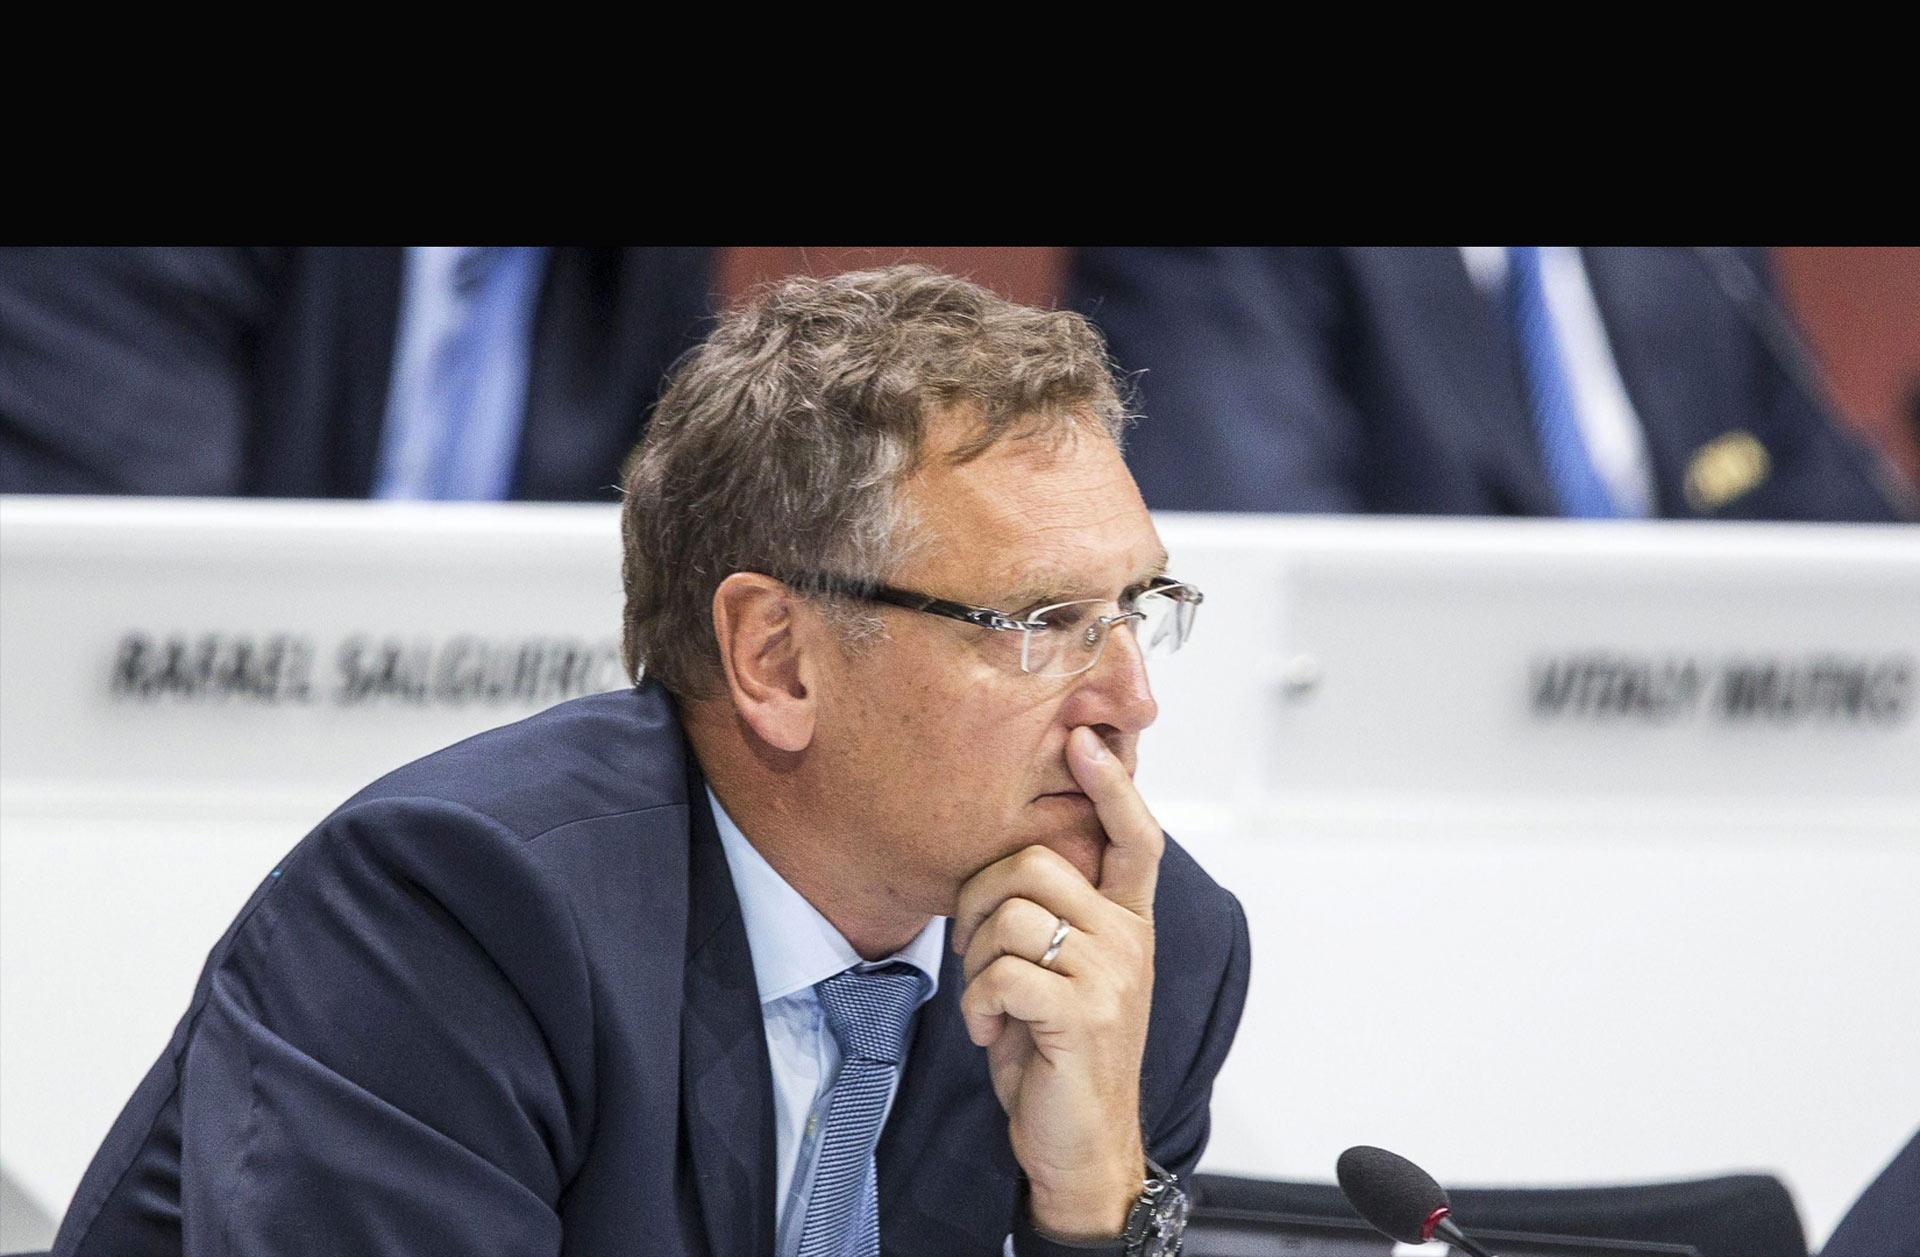 Este miércoles, el francés fue despedido con efecto inmediato como secretario general de la FIFA